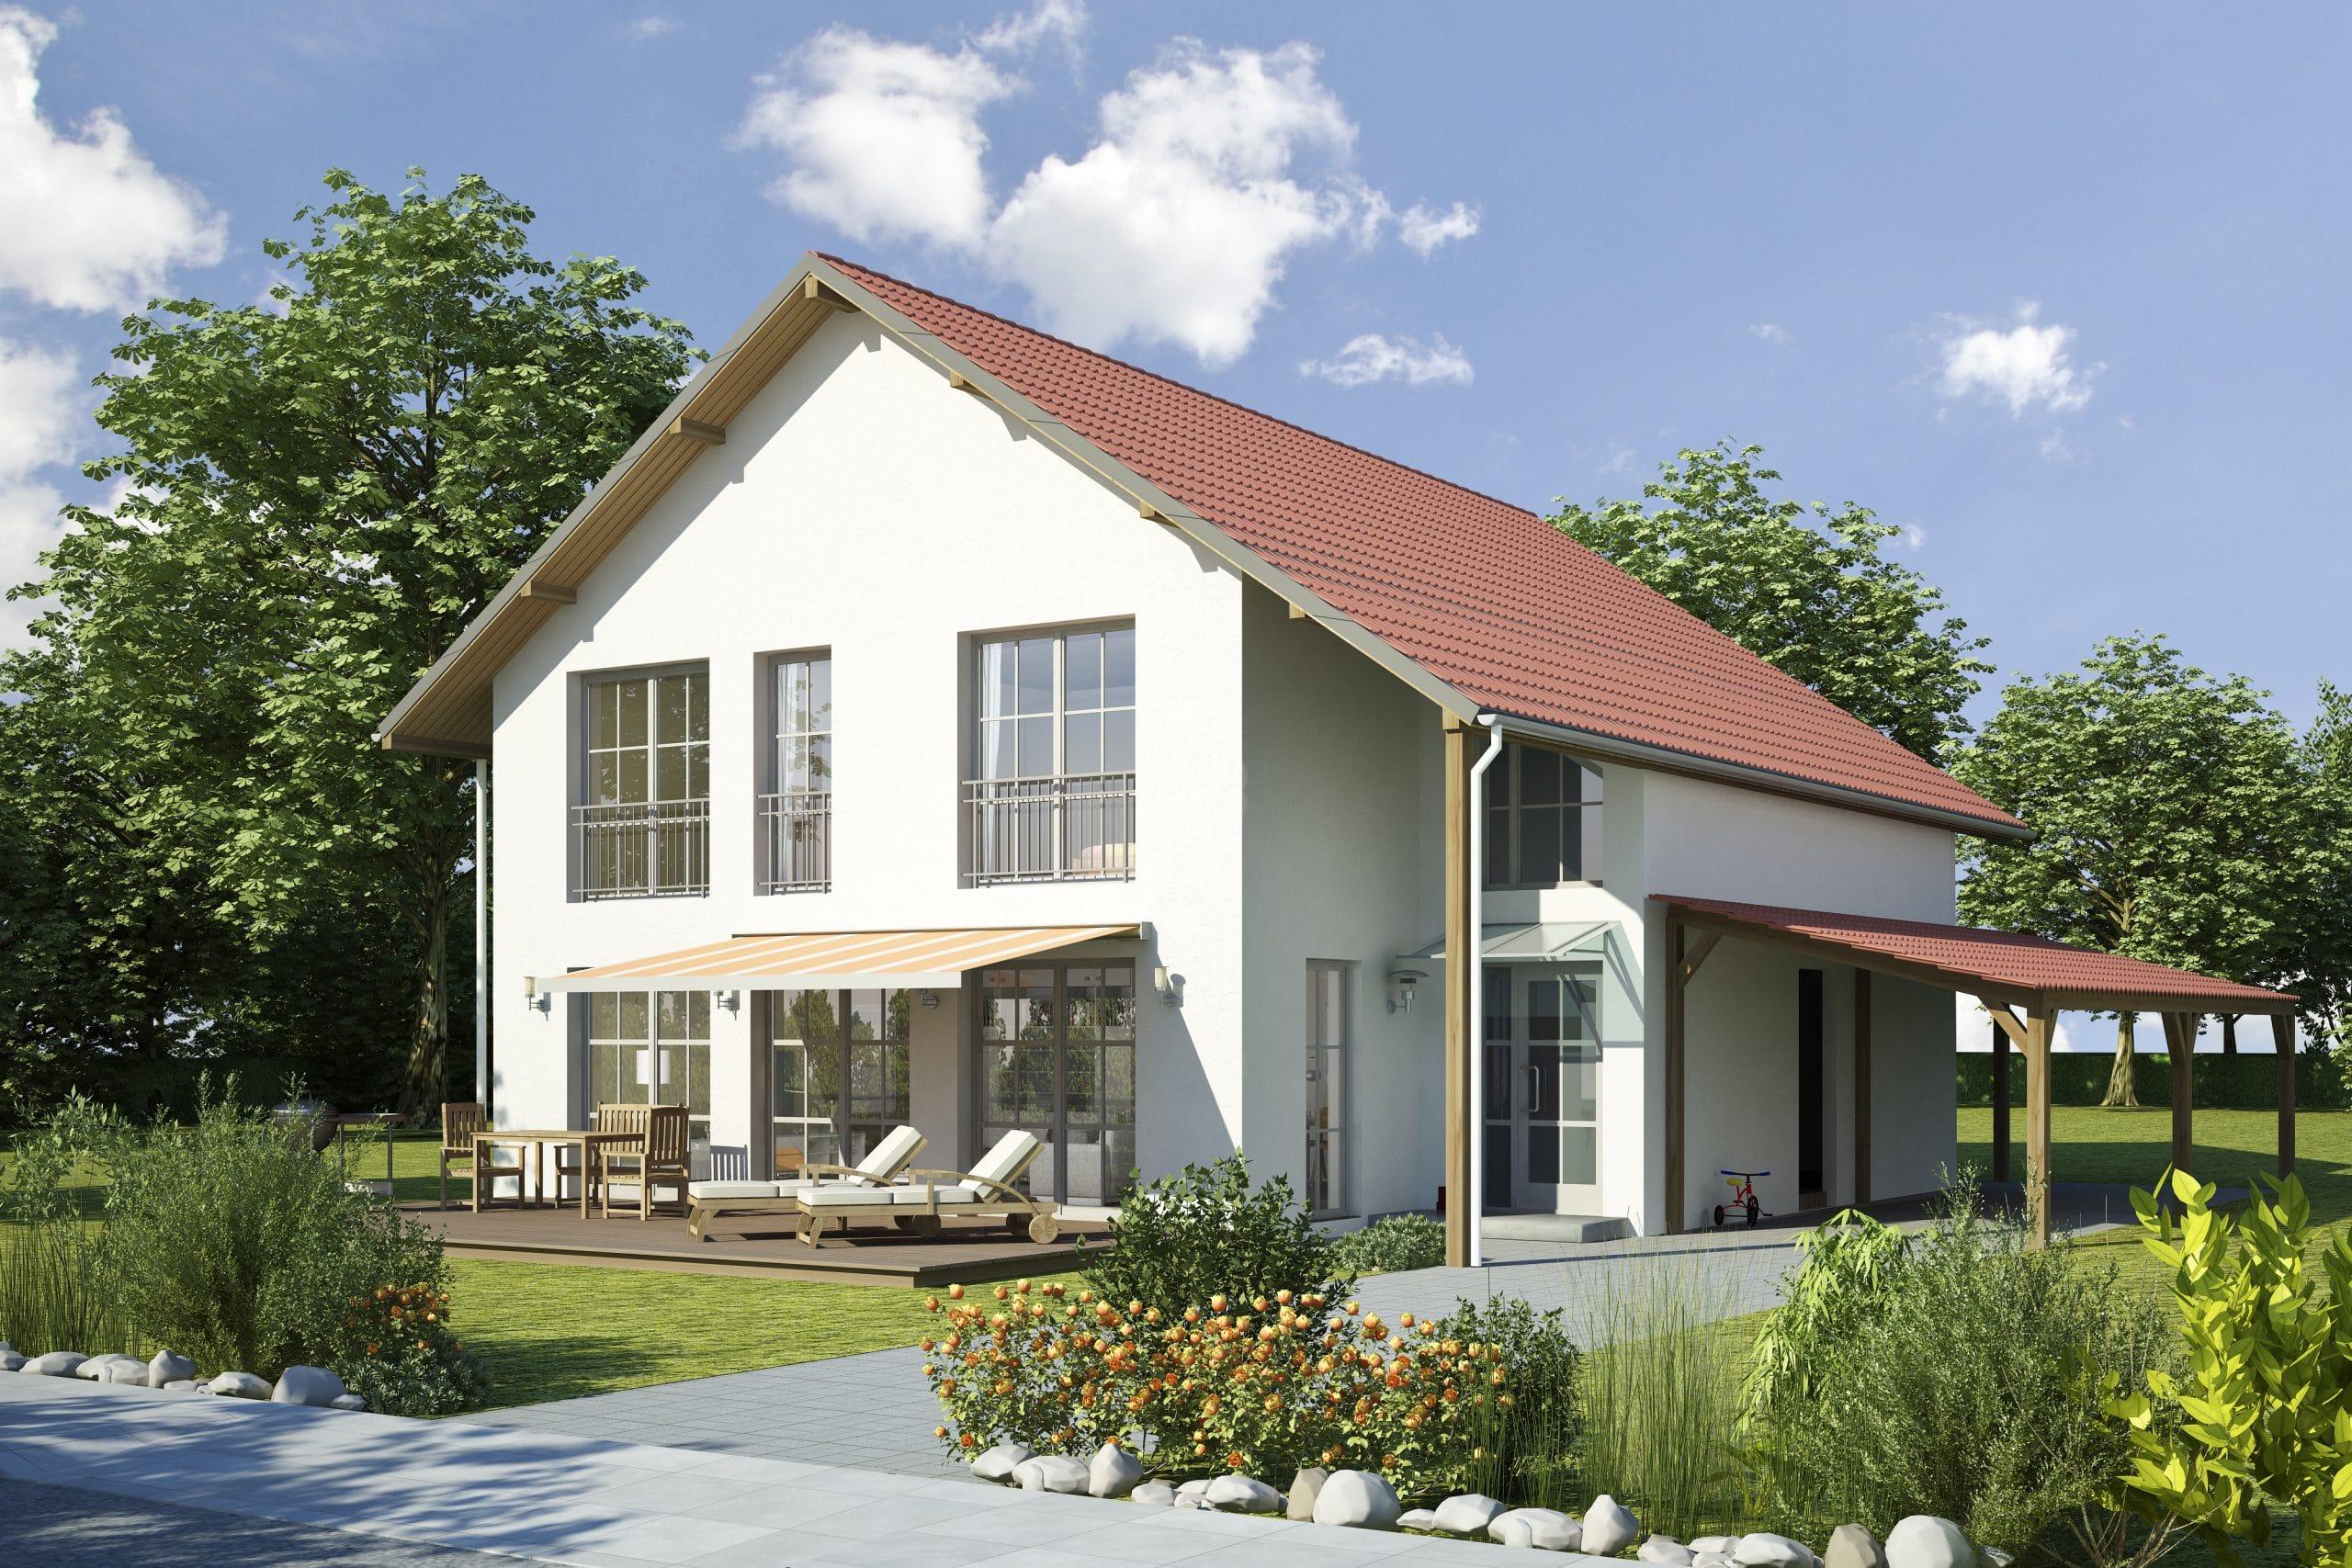 Kundengesuche Häuser